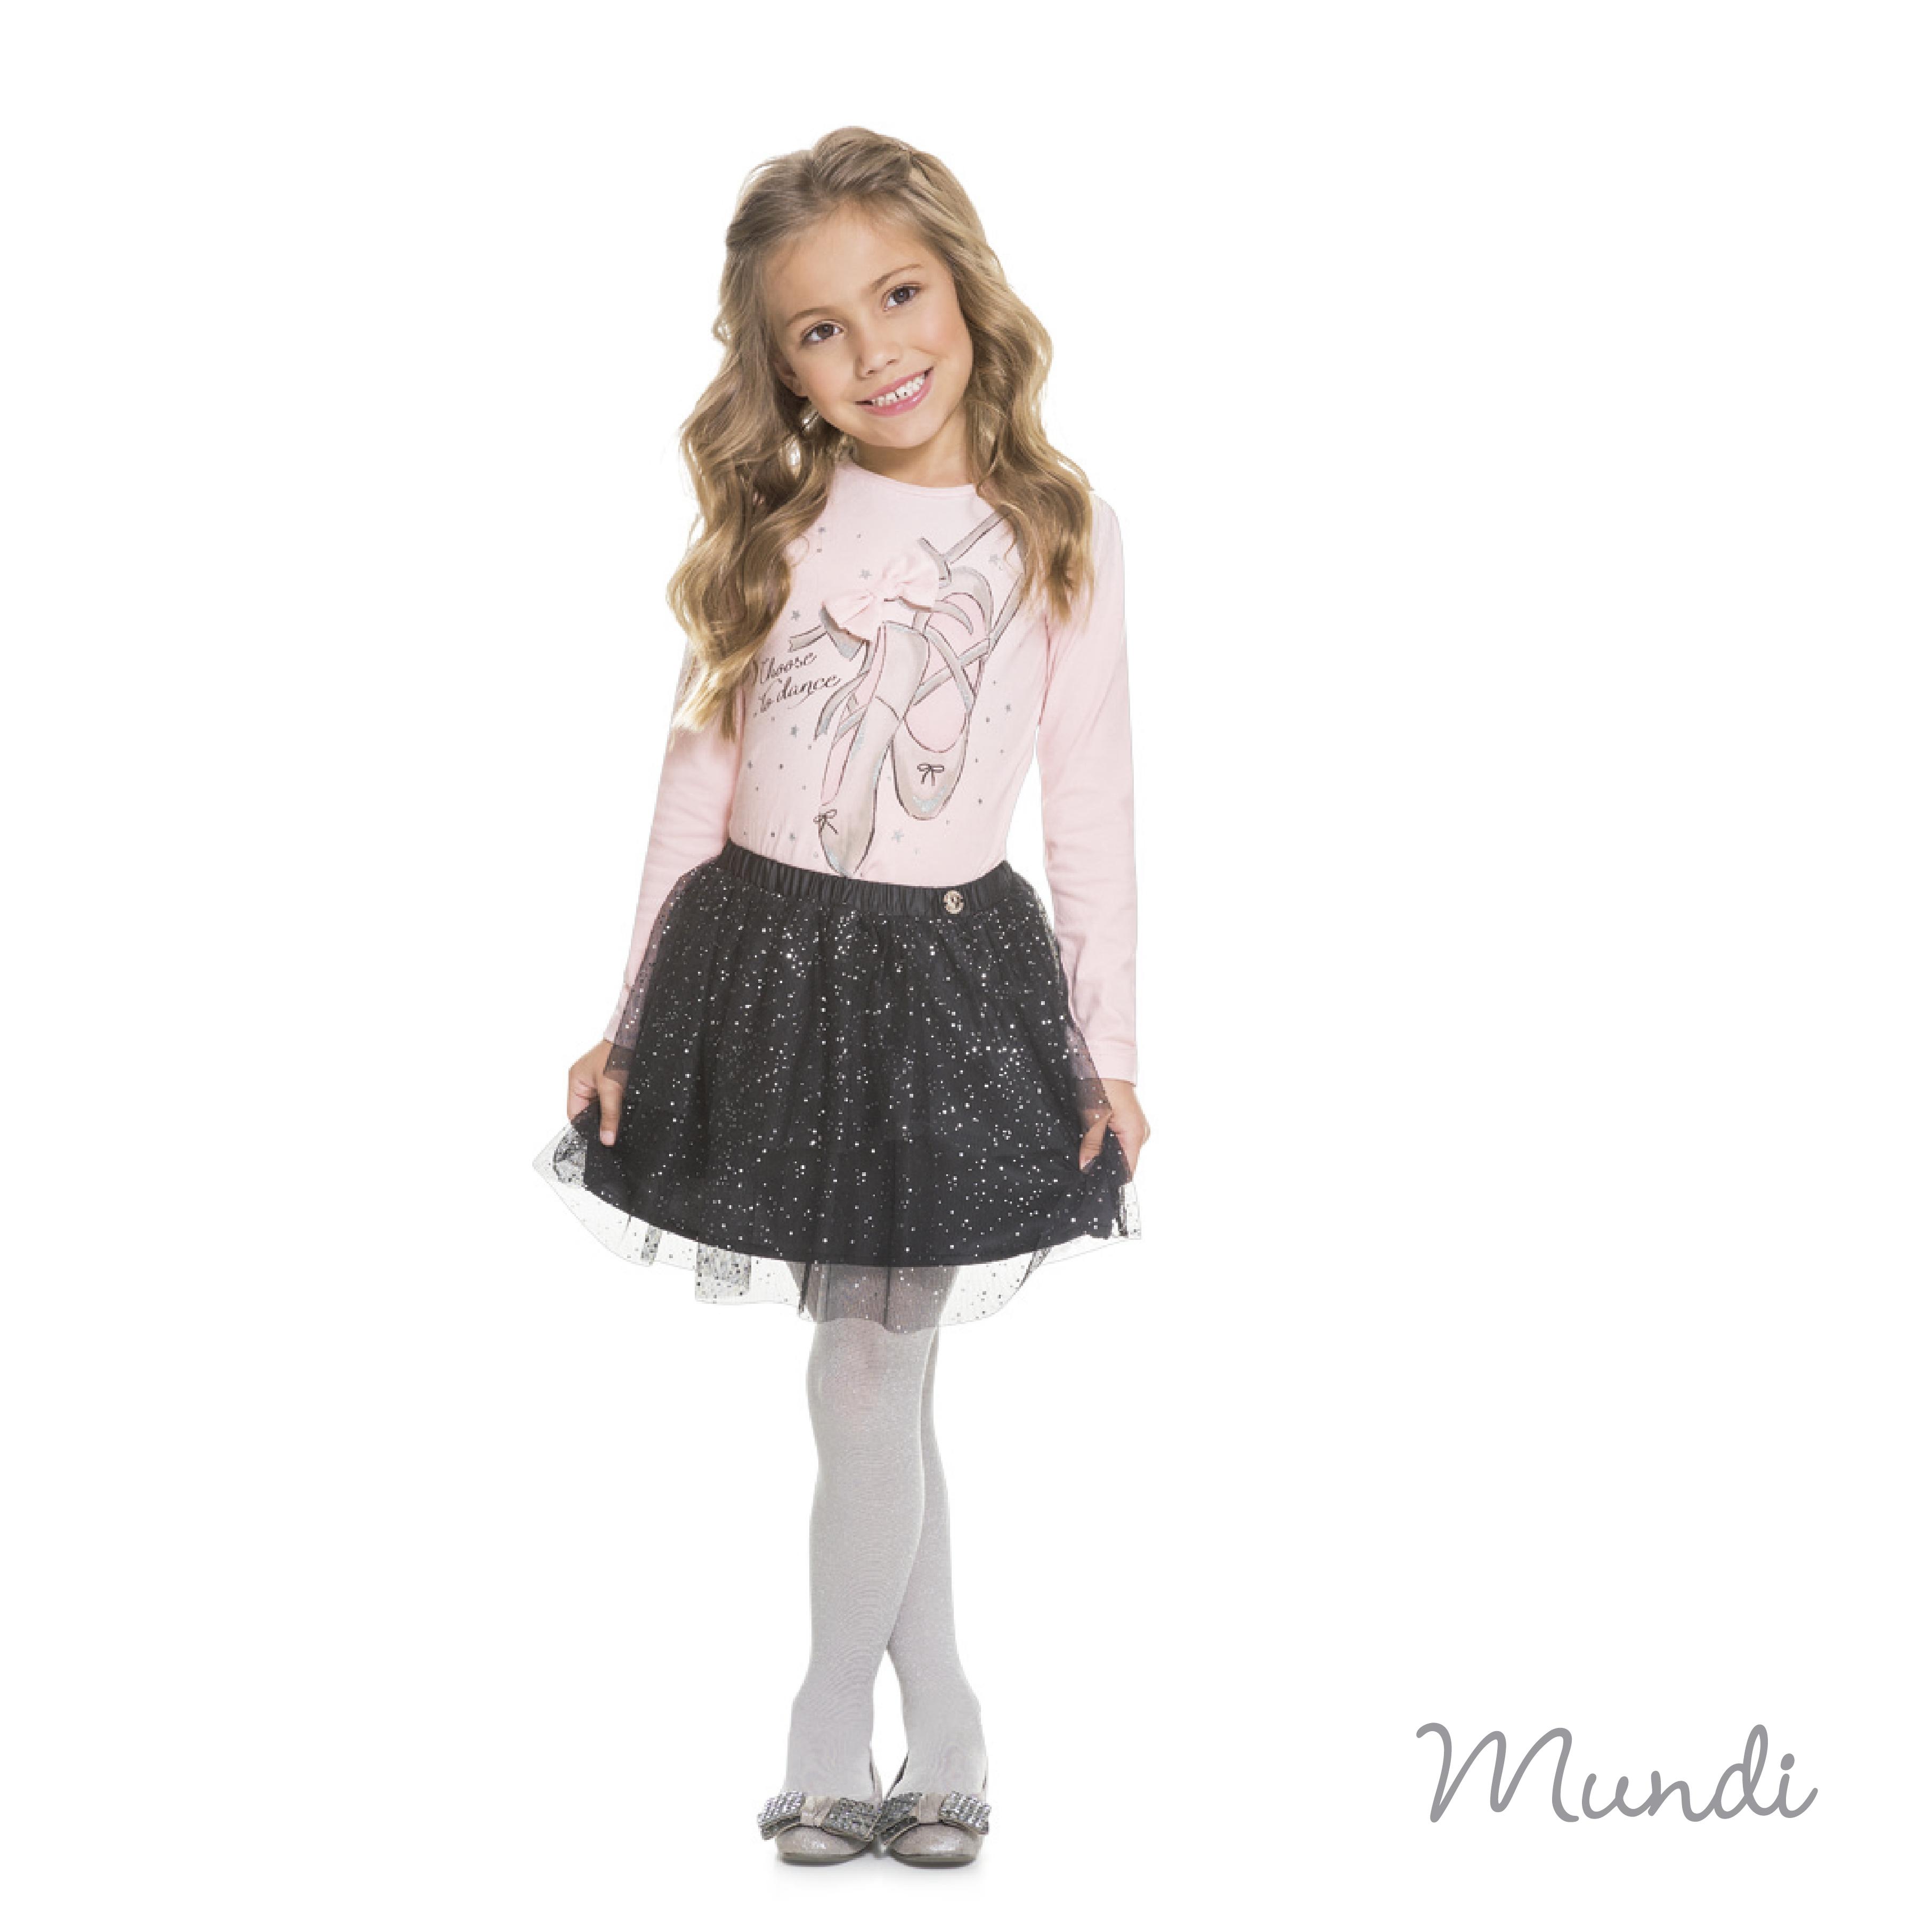 Saia de tule com brilho: tendência de moda infantil para as meninas